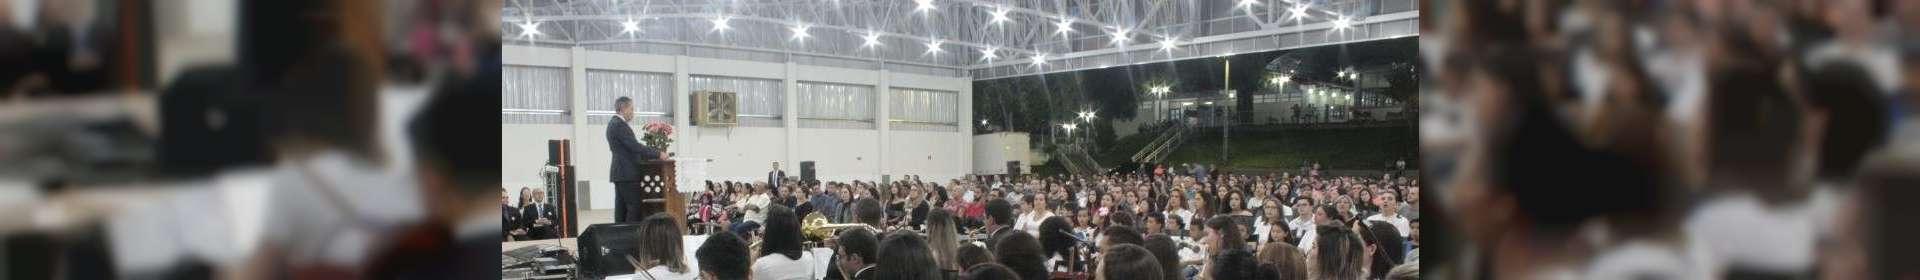 Igreja Cristã Maranata de Matipó, MG, realiza culto de glorificação pelos jovens e universitários